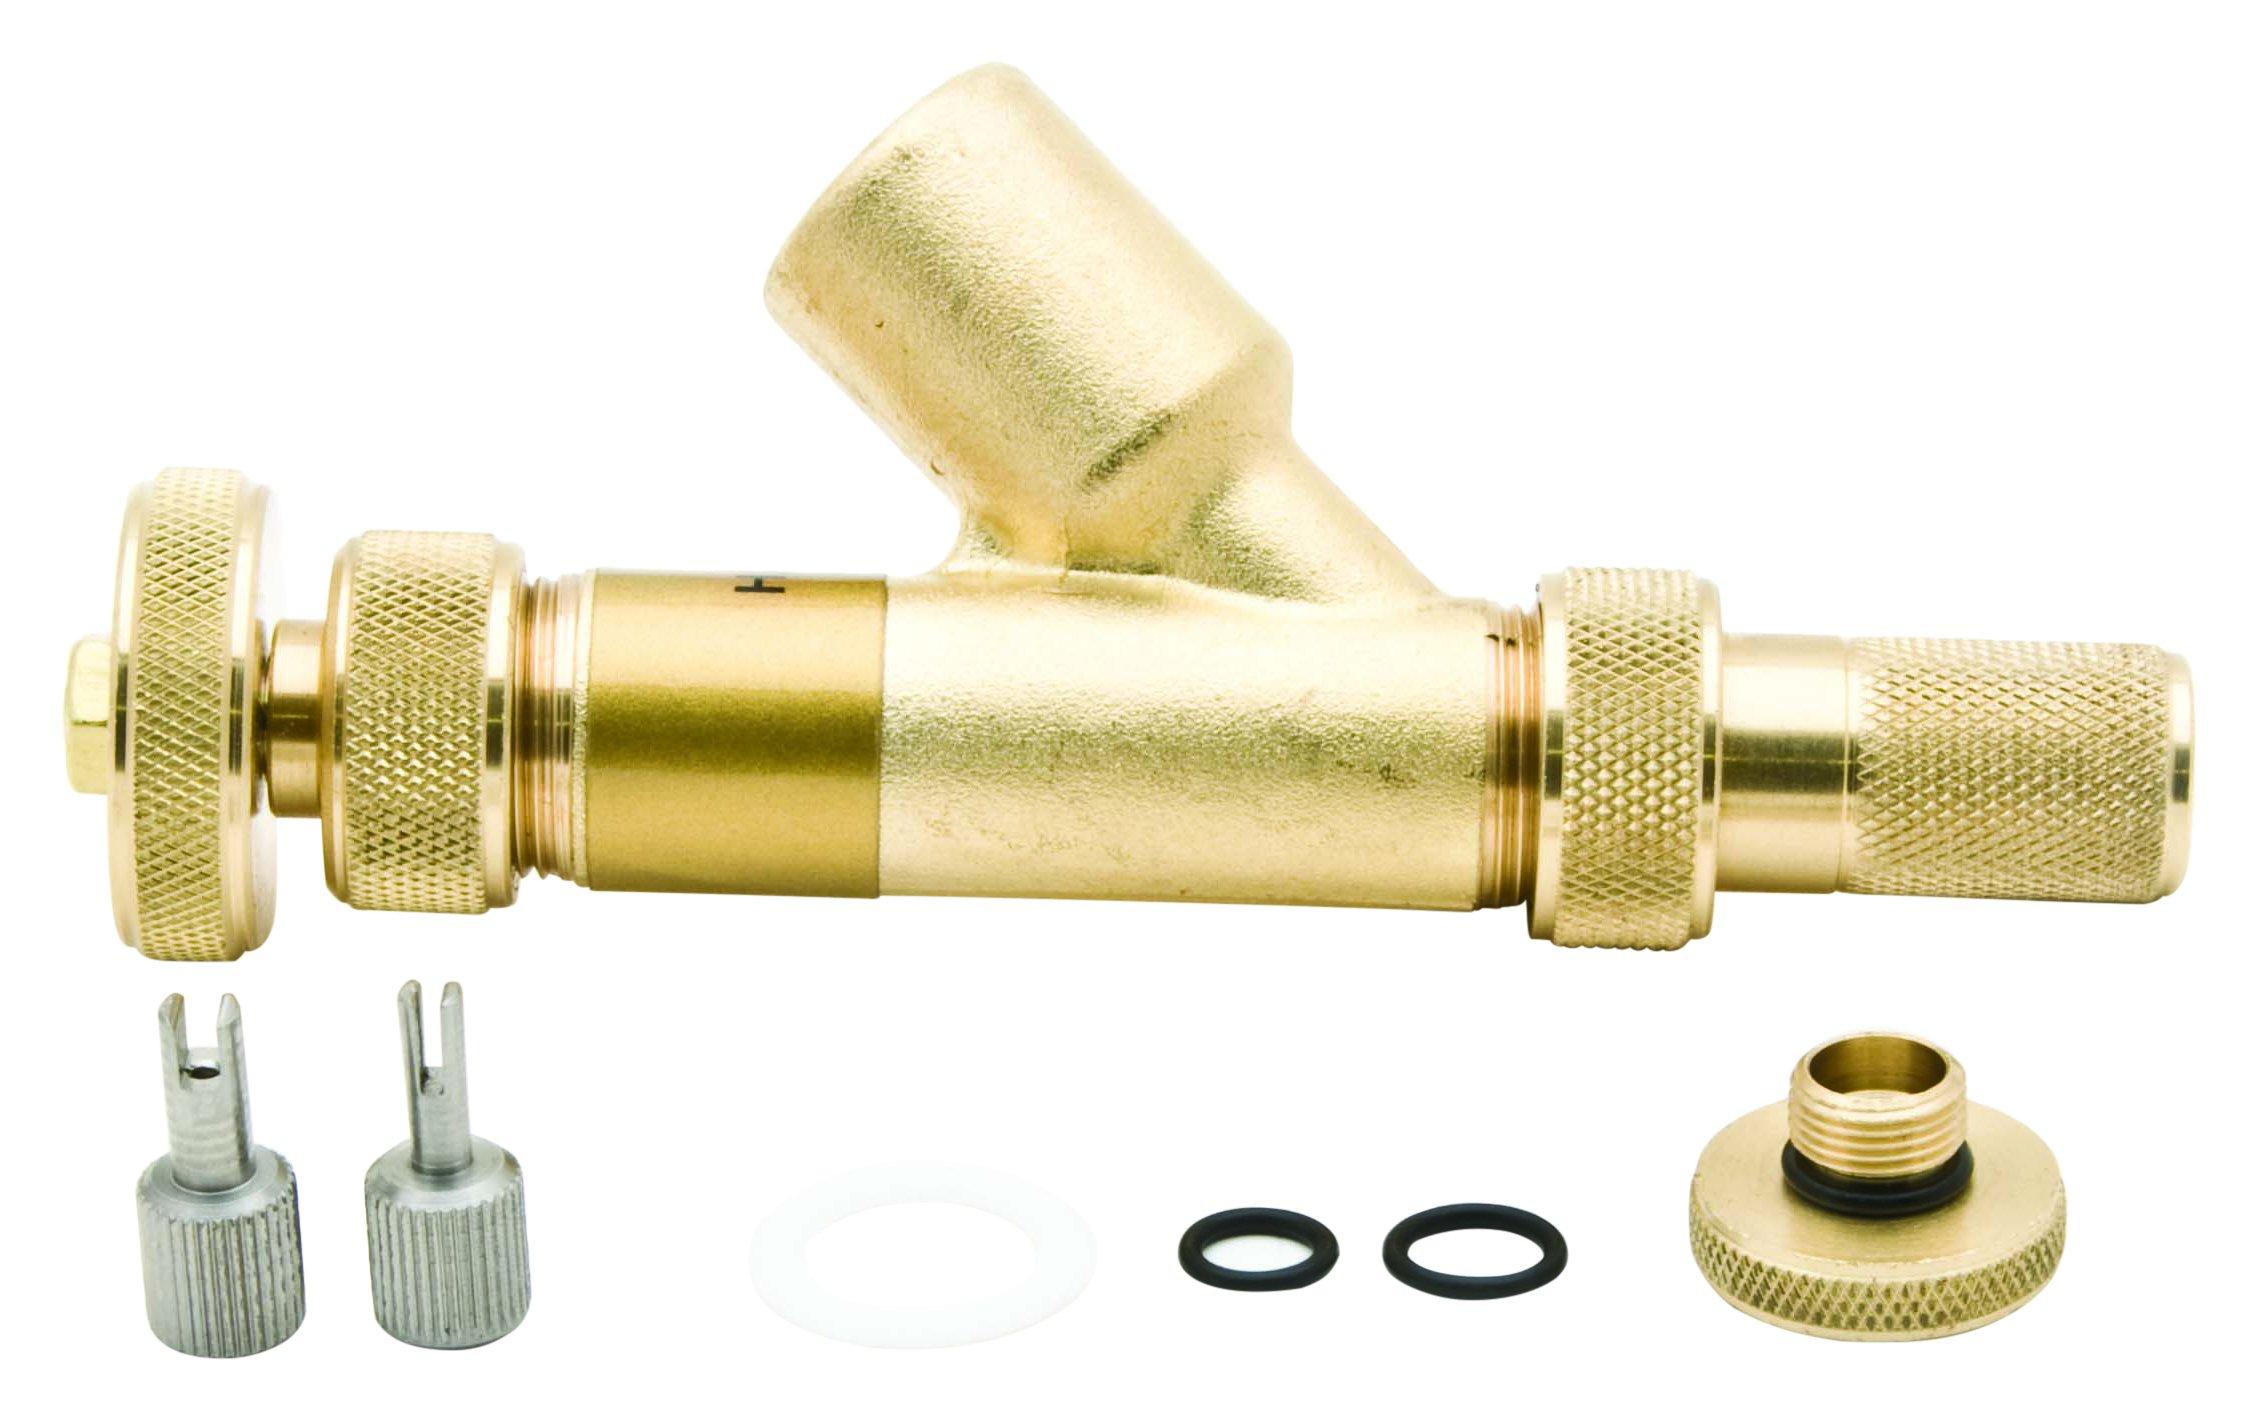 Haltec 310 Liquid Fill Gun